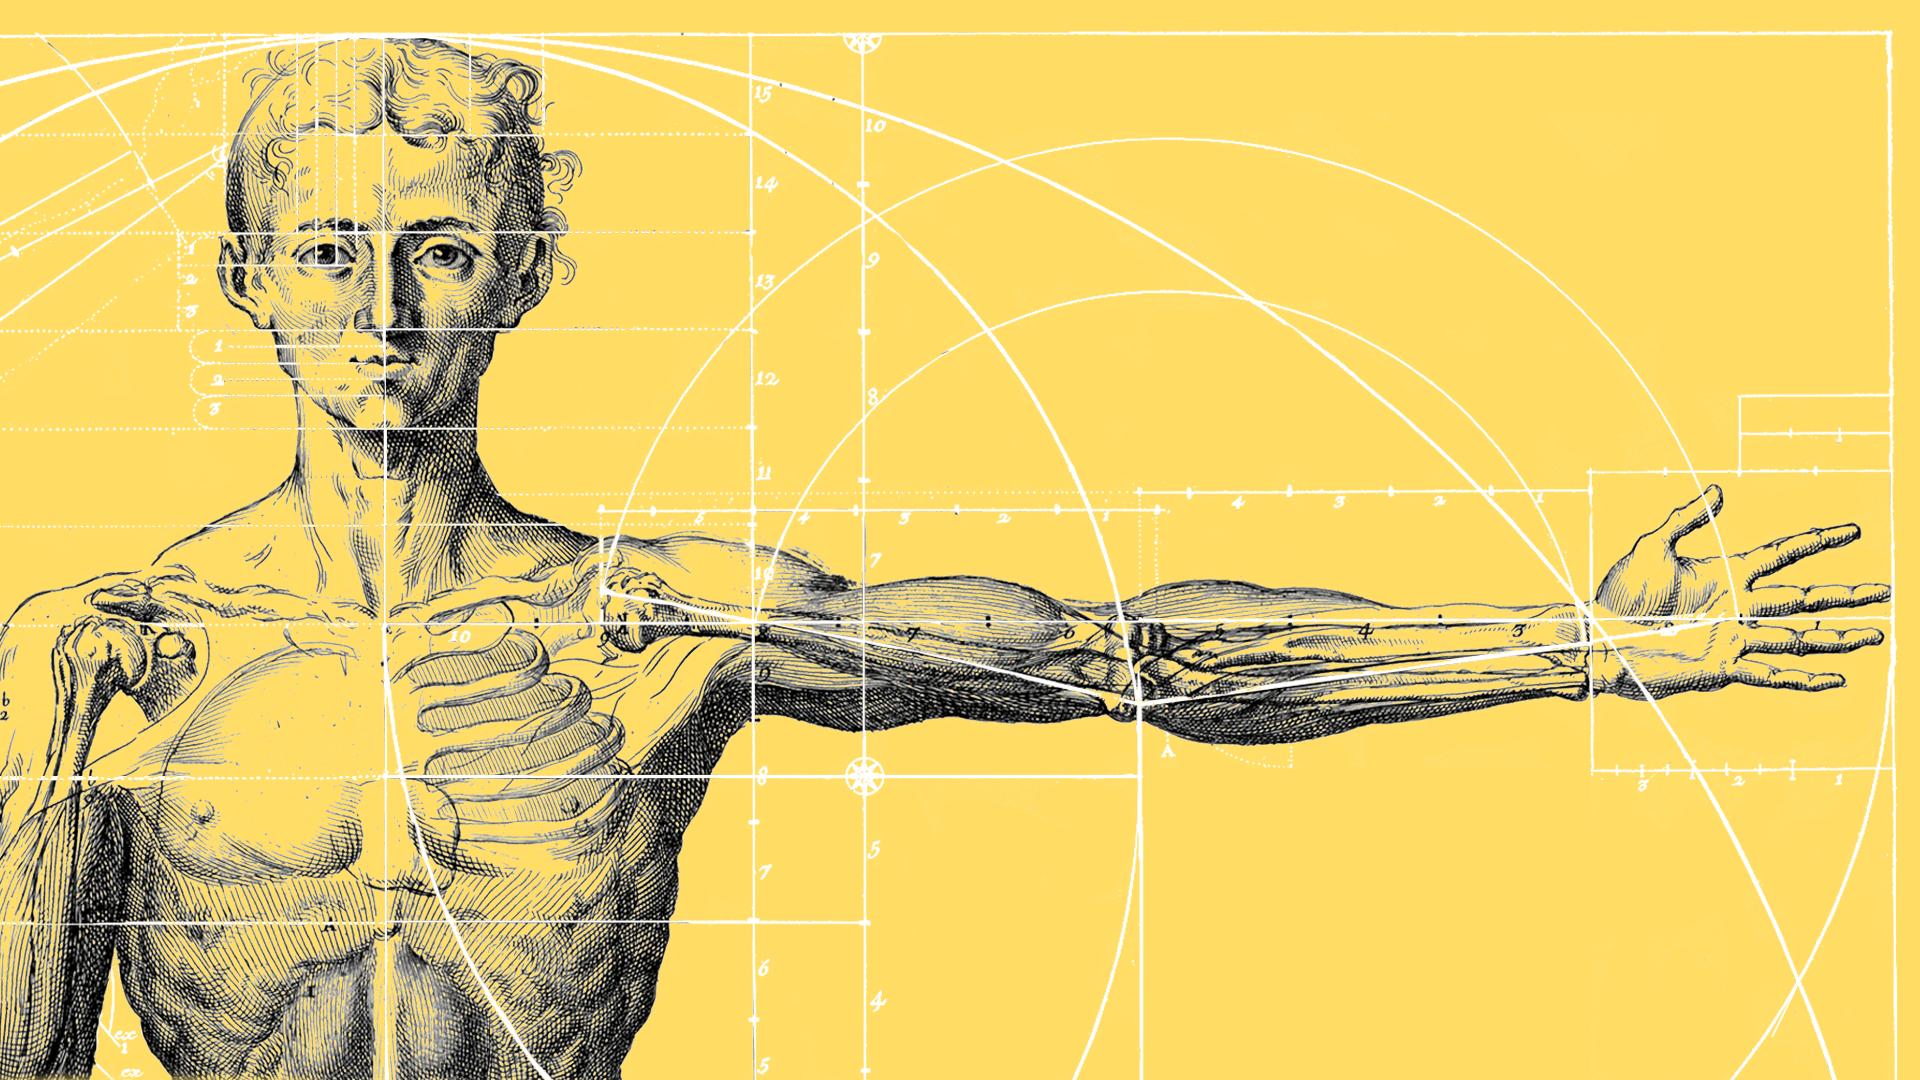 Du er et af de mest udholdende dyr på kloden: Beviserne ligger gemt i din utrolige krop